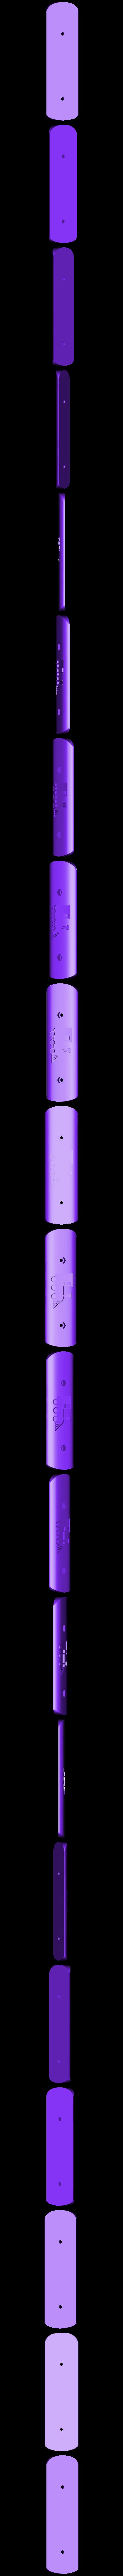 grip_train_2.stl Télécharger fichier STL gratuit Ping Pong tennis de table • Design pour impression 3D, 3D-mon